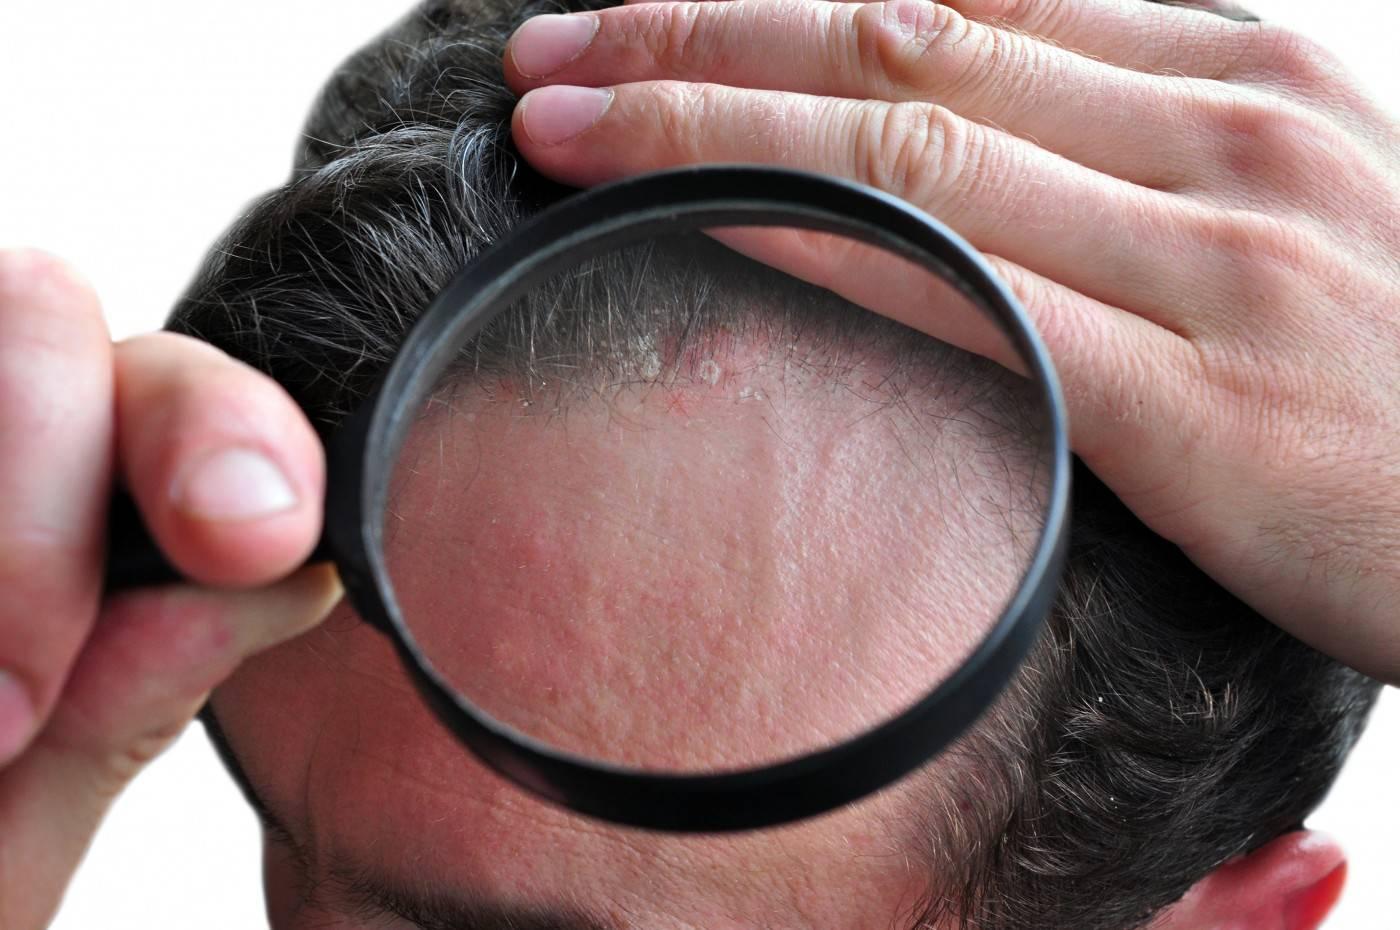 Появилась перхоть и чешется голова: причины и методы лечения